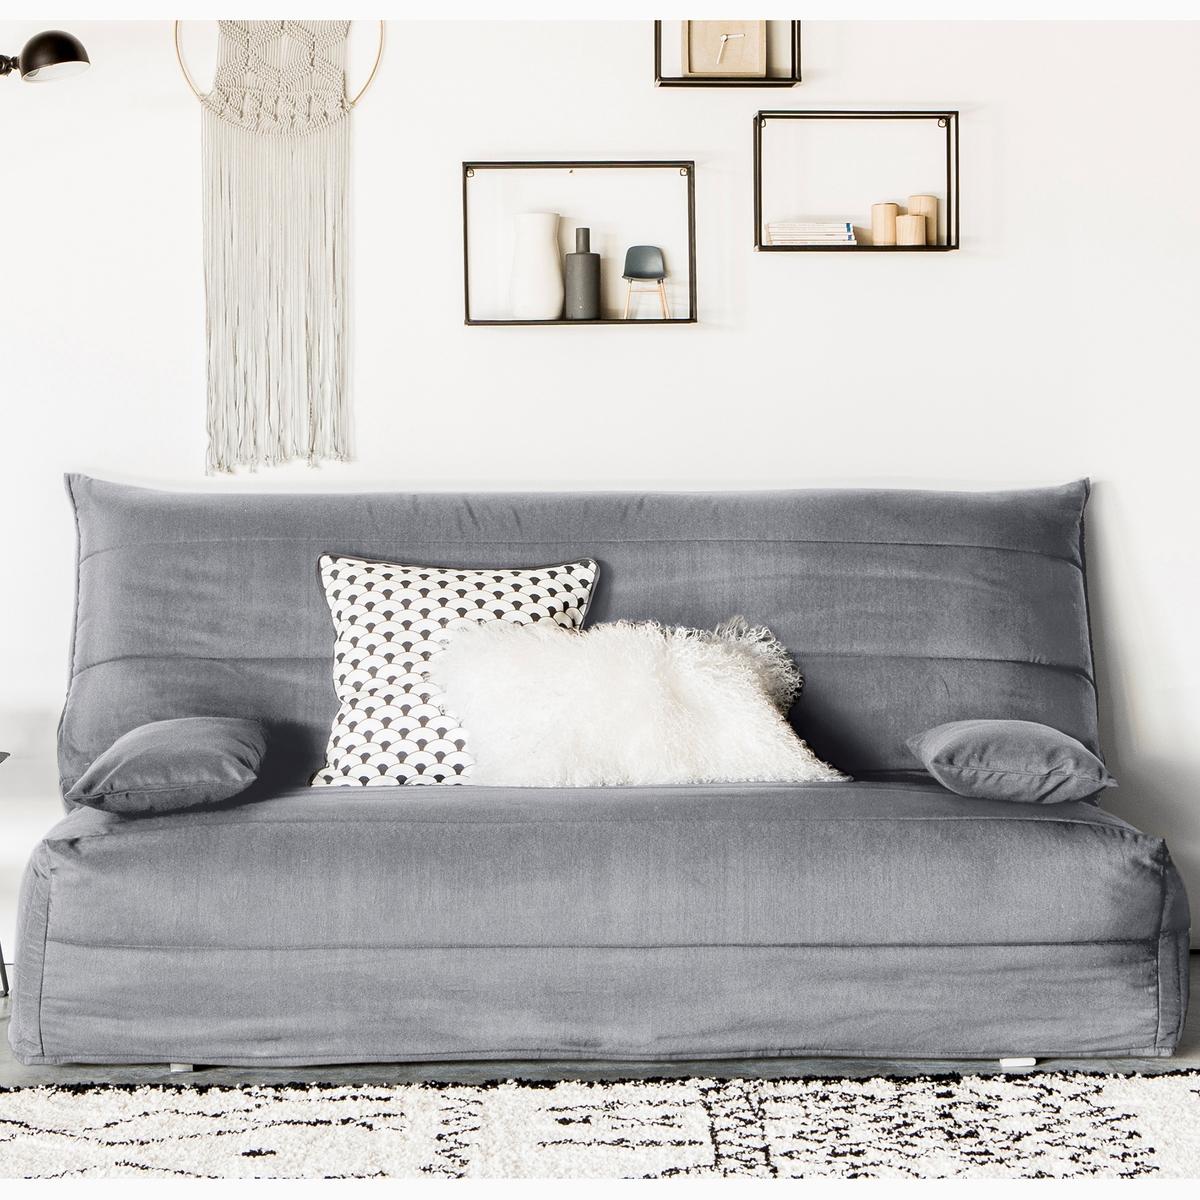 Стеганый LaRedoute Чехол из поликоттона для дивана-аккордеона ASARET 160 см серый